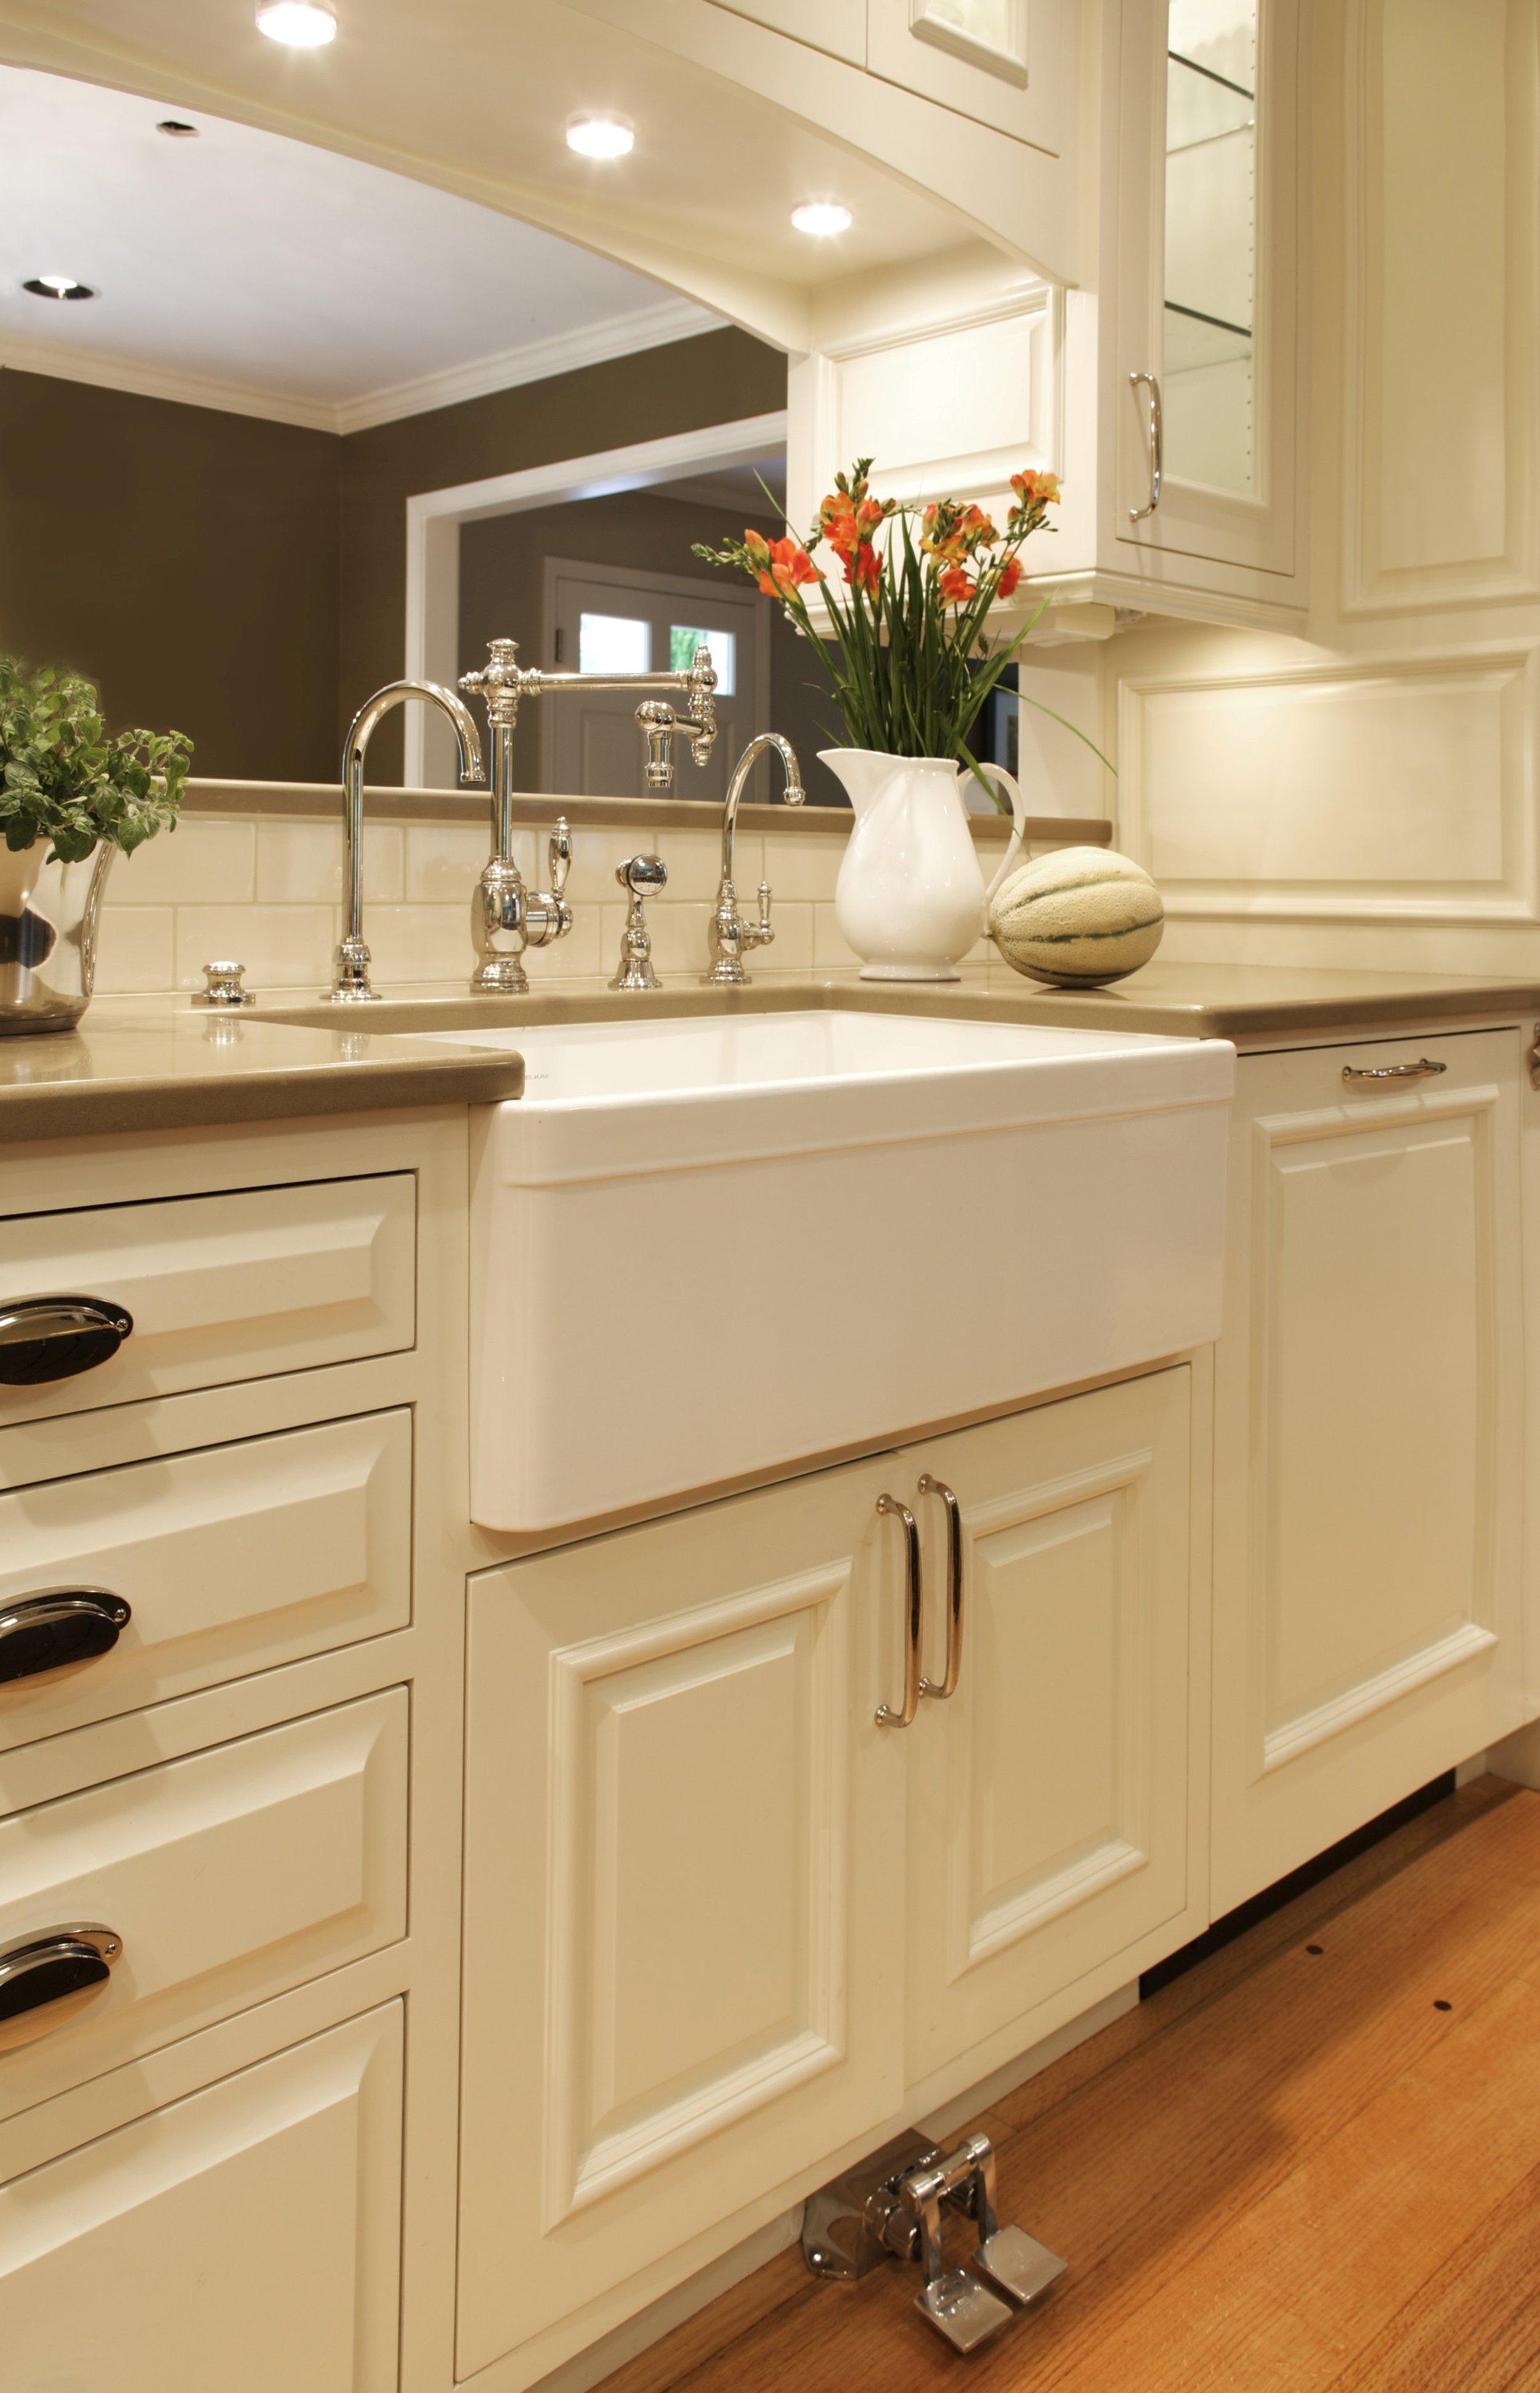 Wrenns kitchen after photos paulines (8).jpg